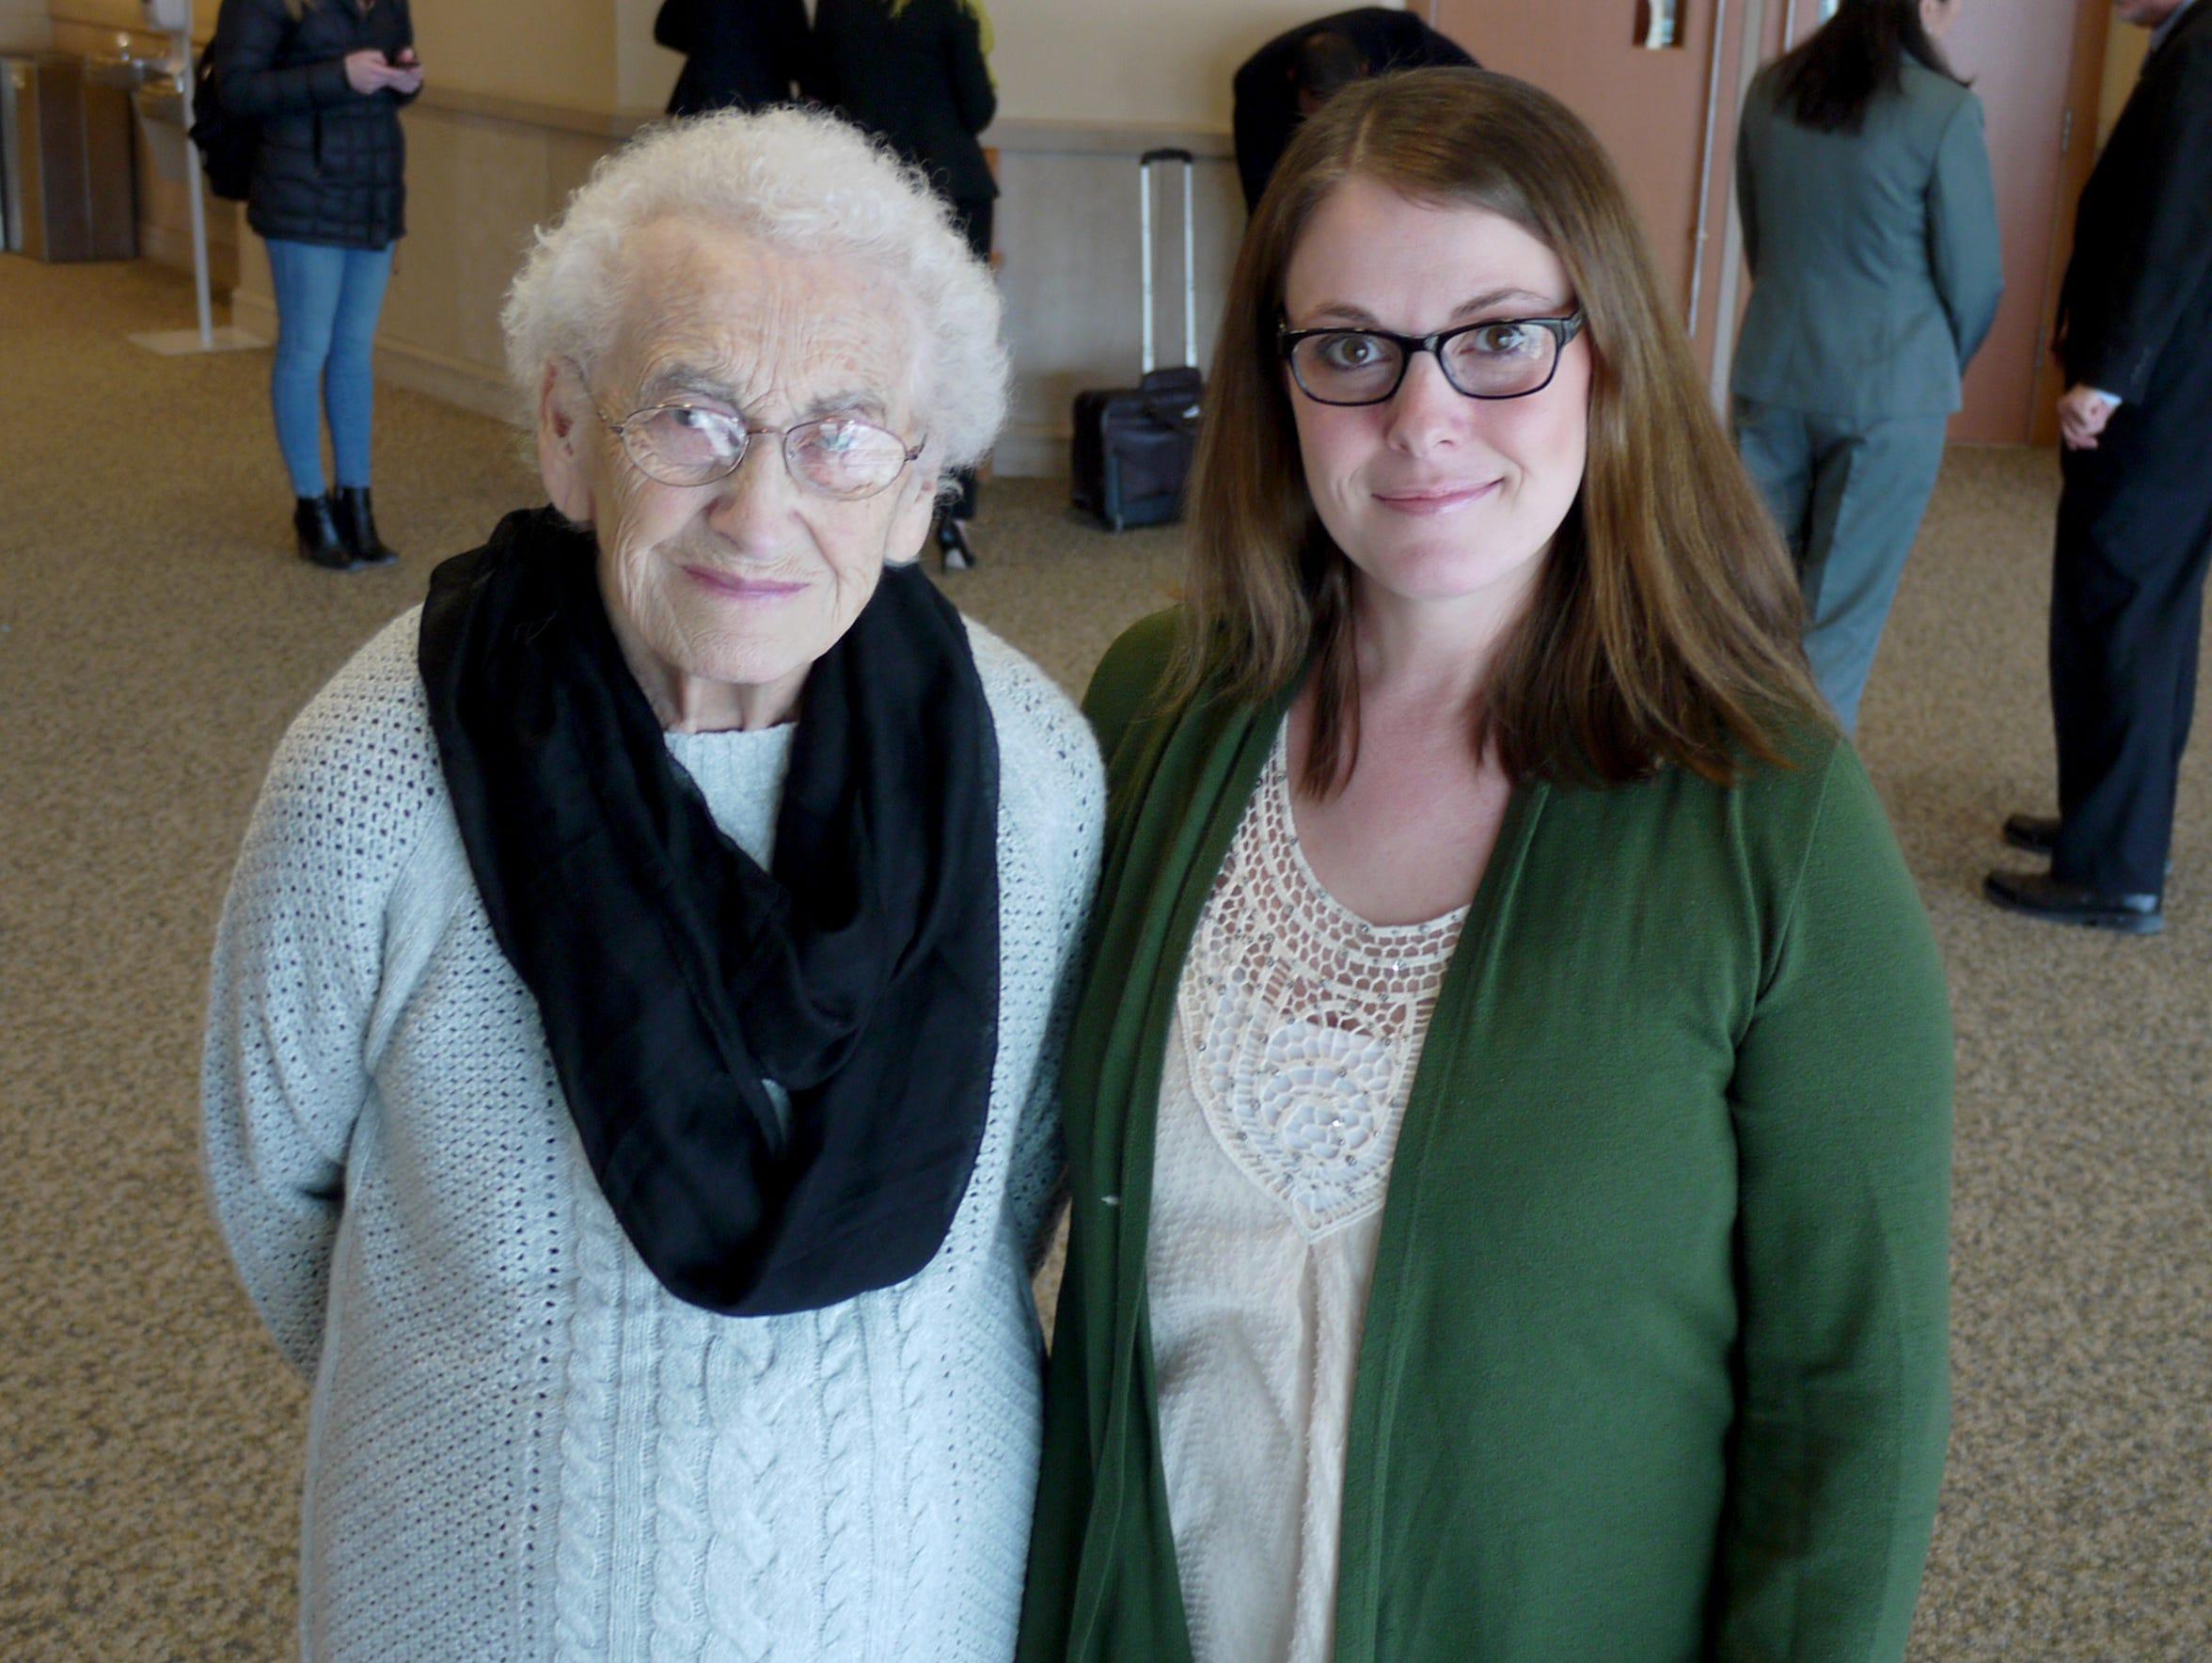 Rose Beranek and Desiree Burke, the mother and daughter